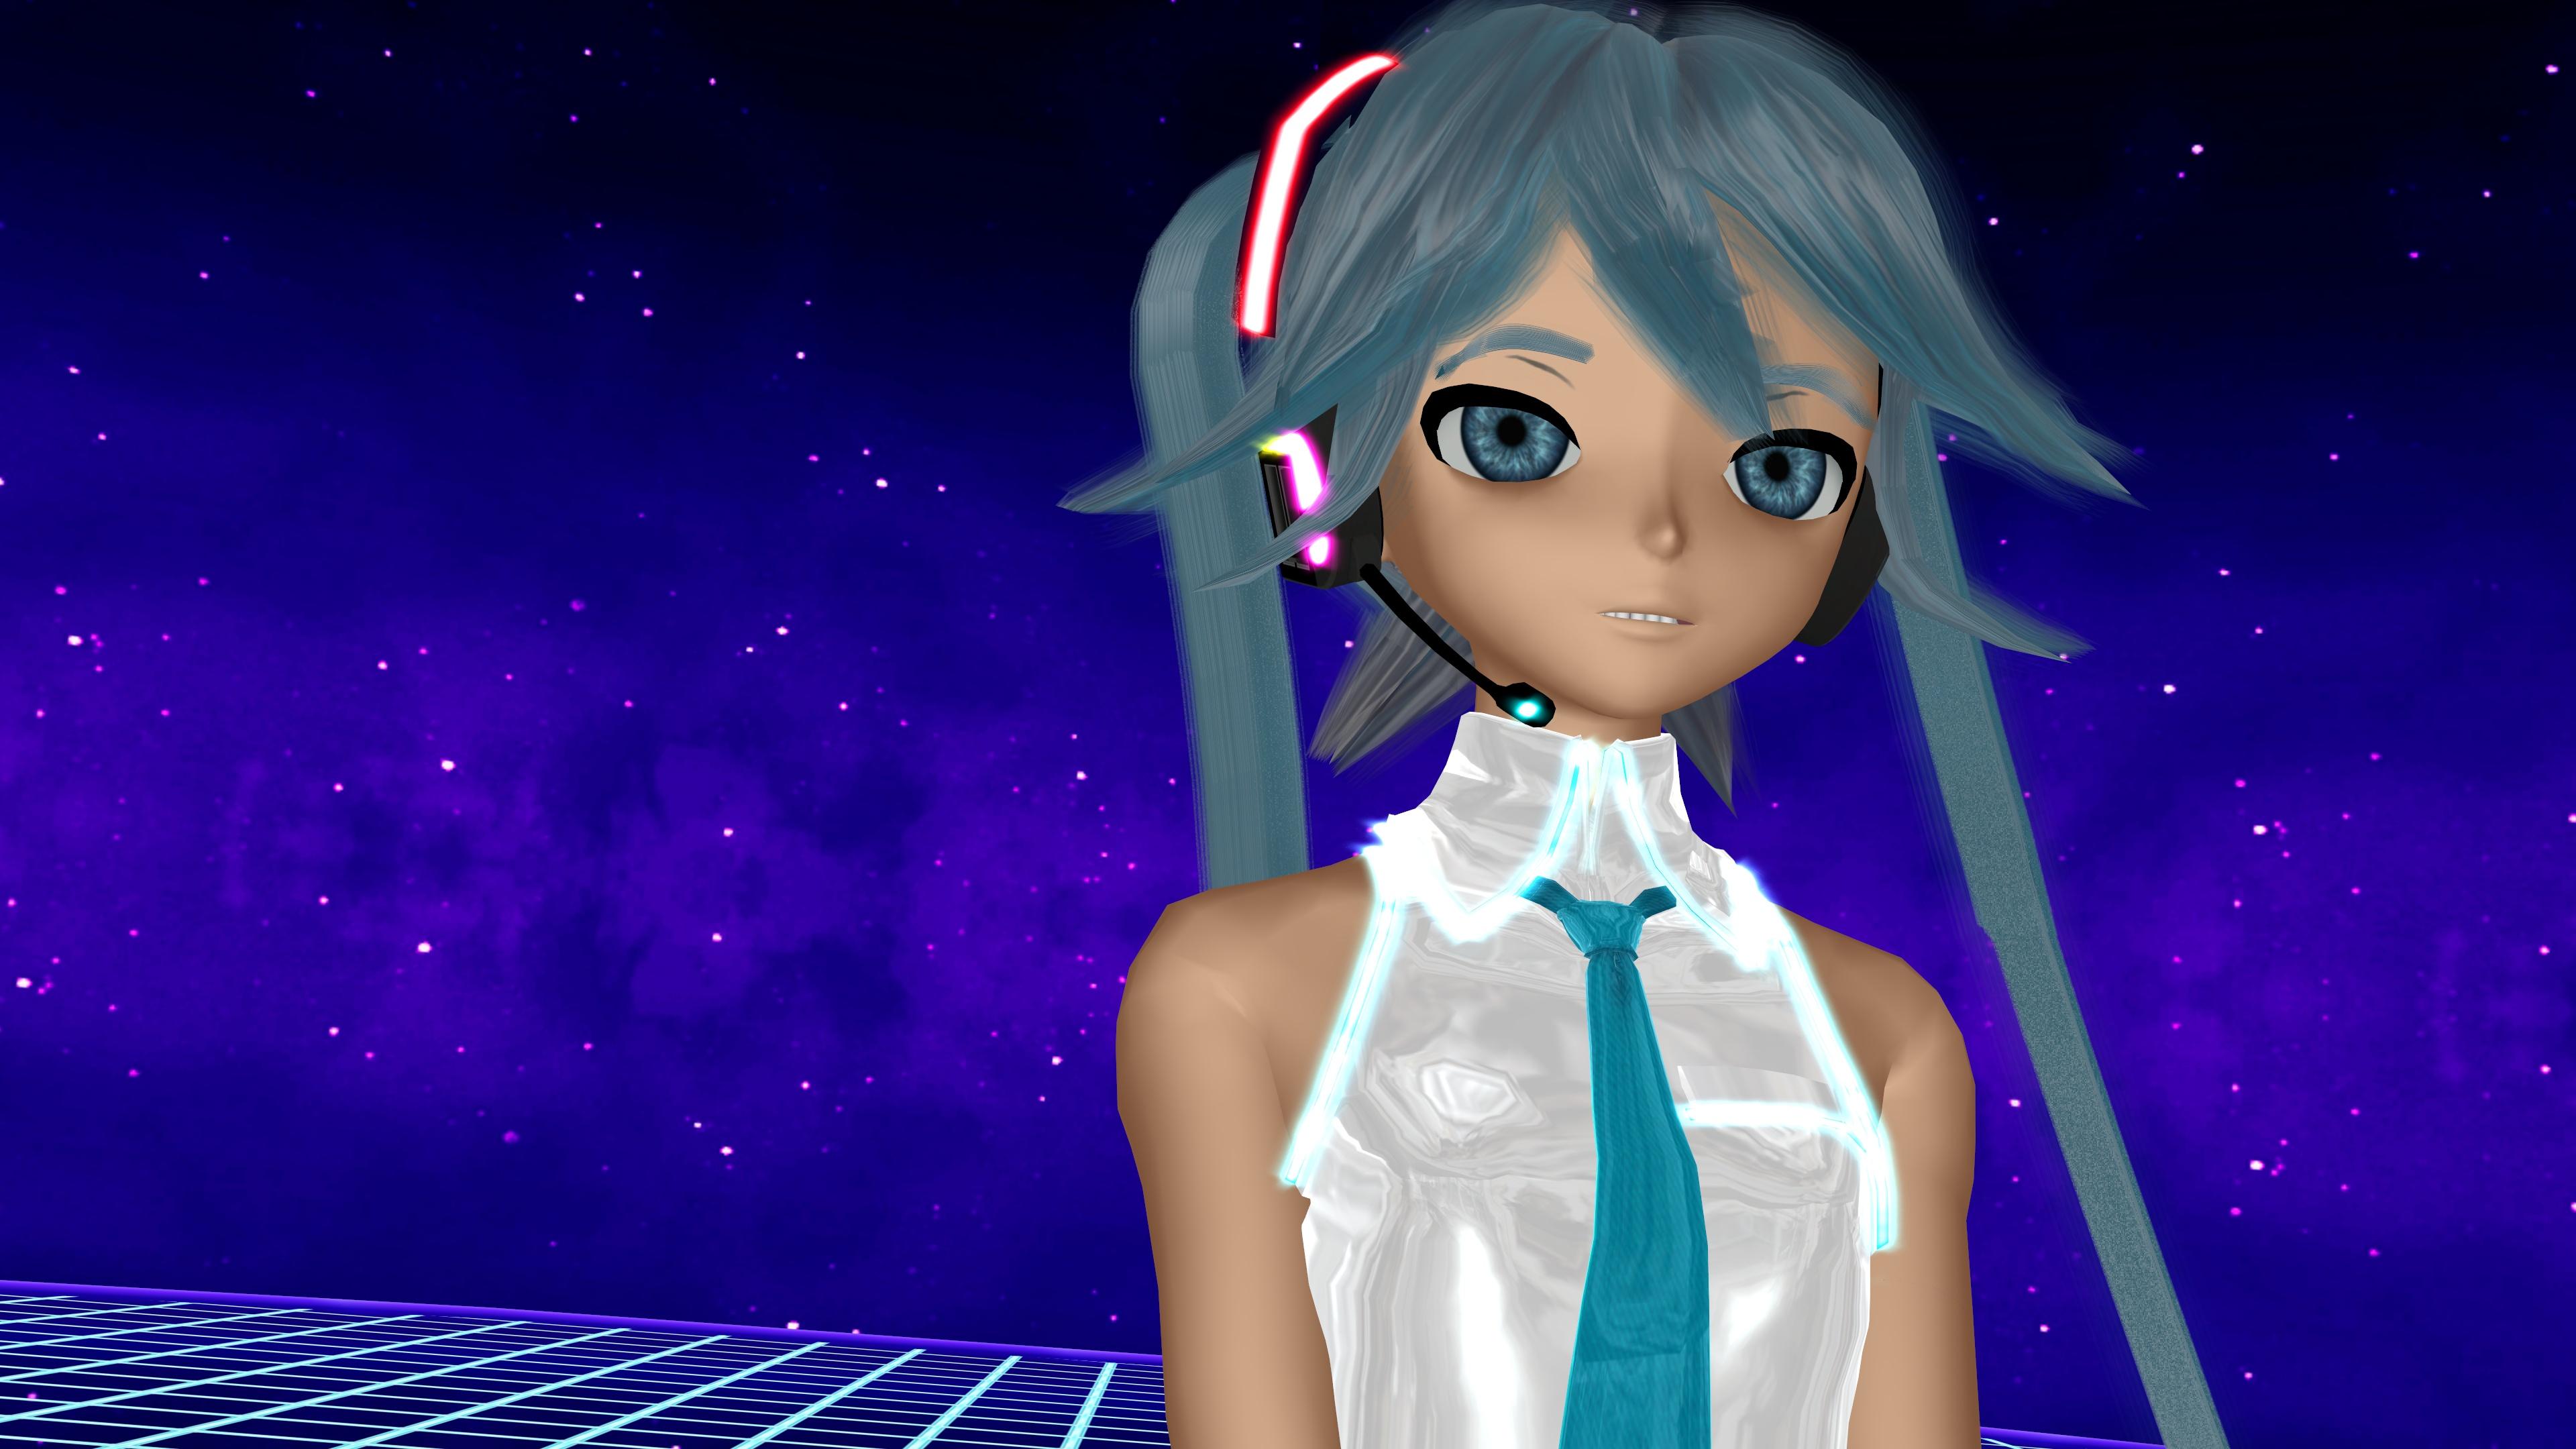 Blue Eyes Blue Hair Hatsune Miku Vocaloid 3840x2160